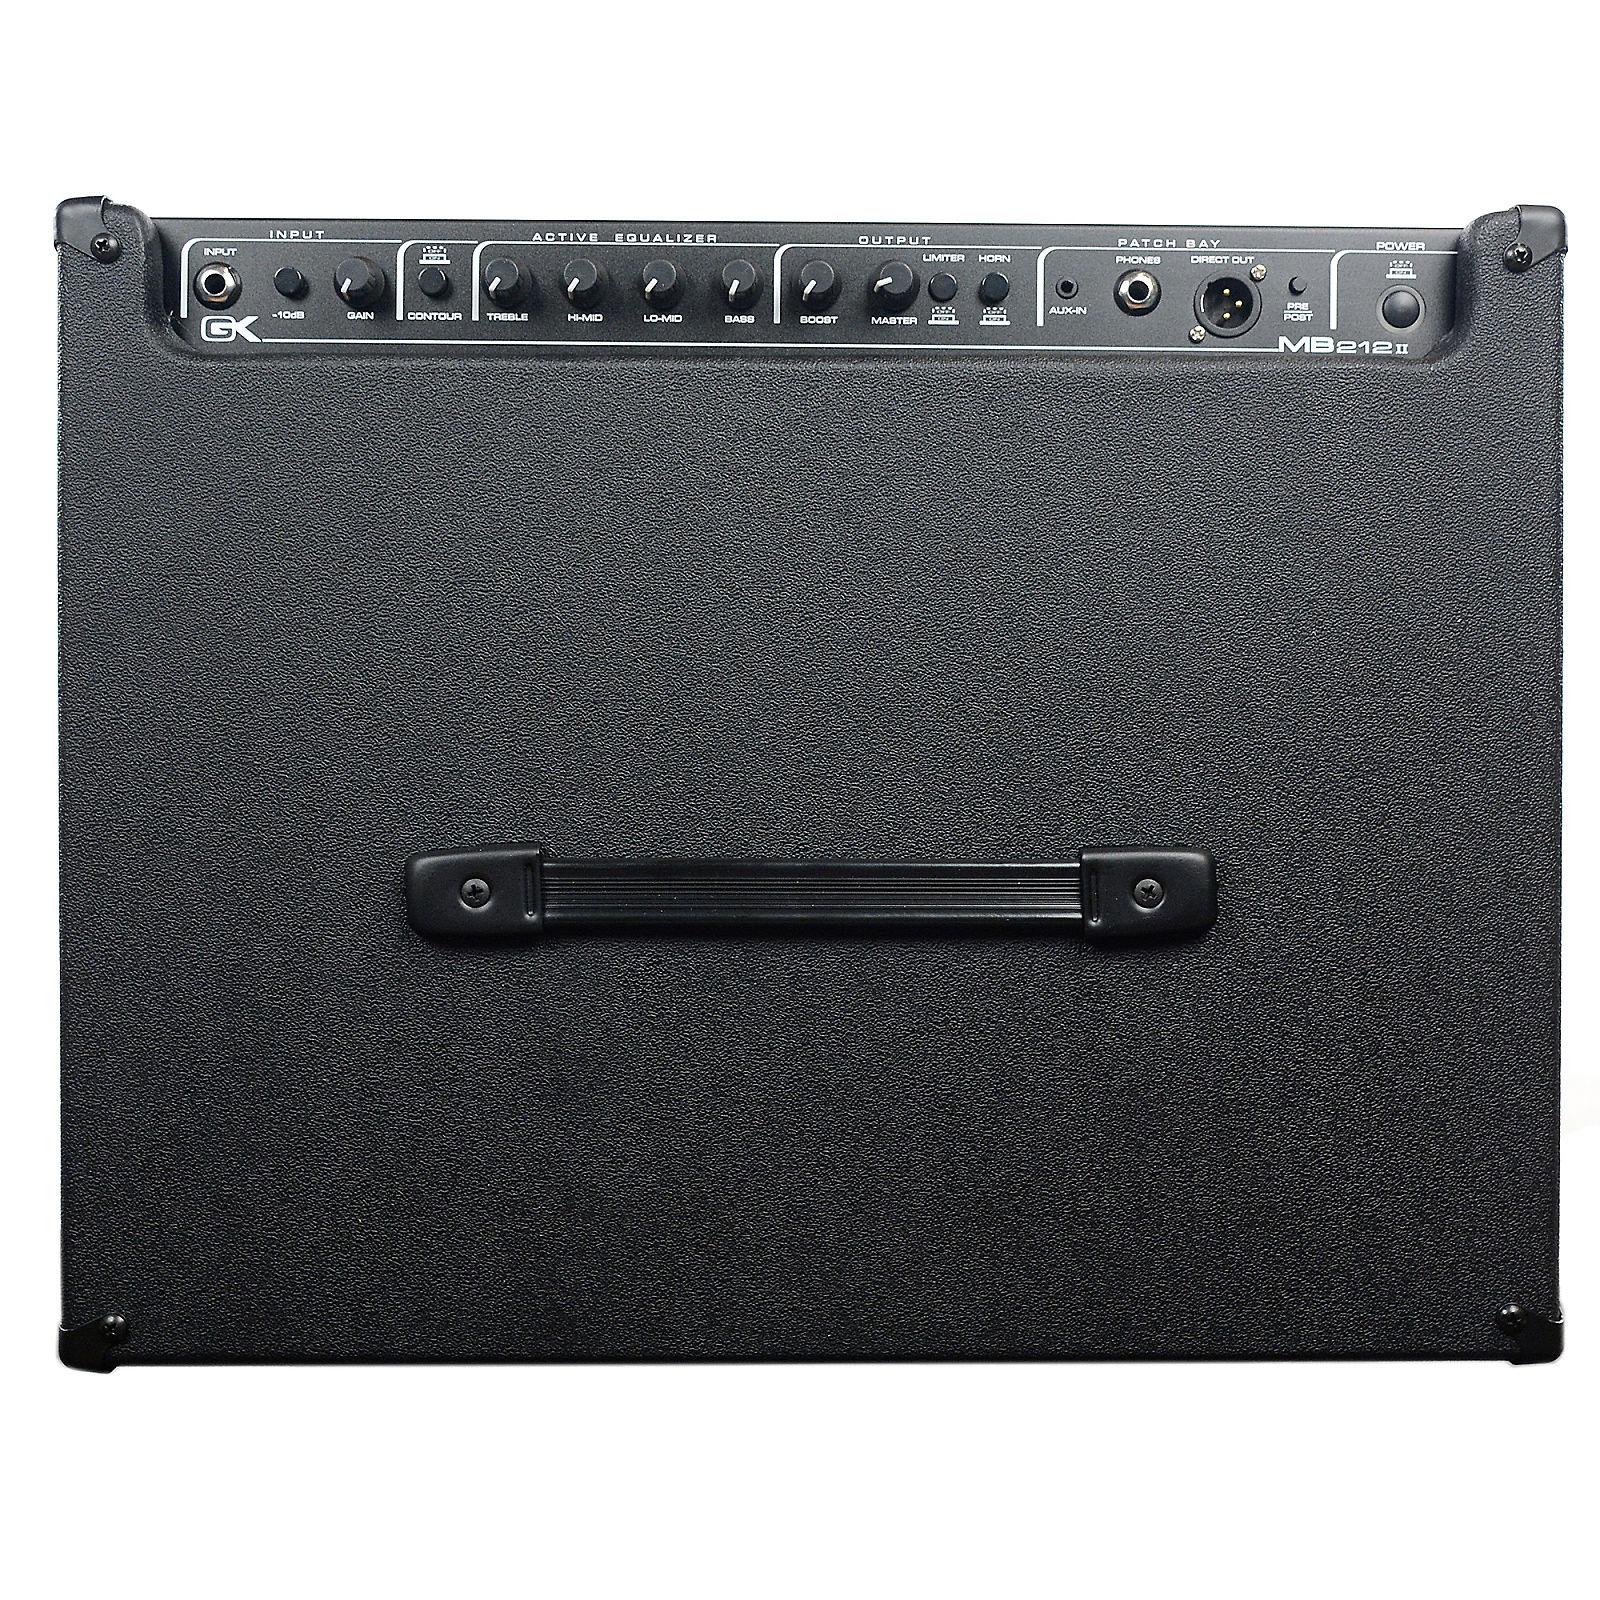 Gallien-Krueger MB212-II Ultra Light Bass Combo 500W 2x12